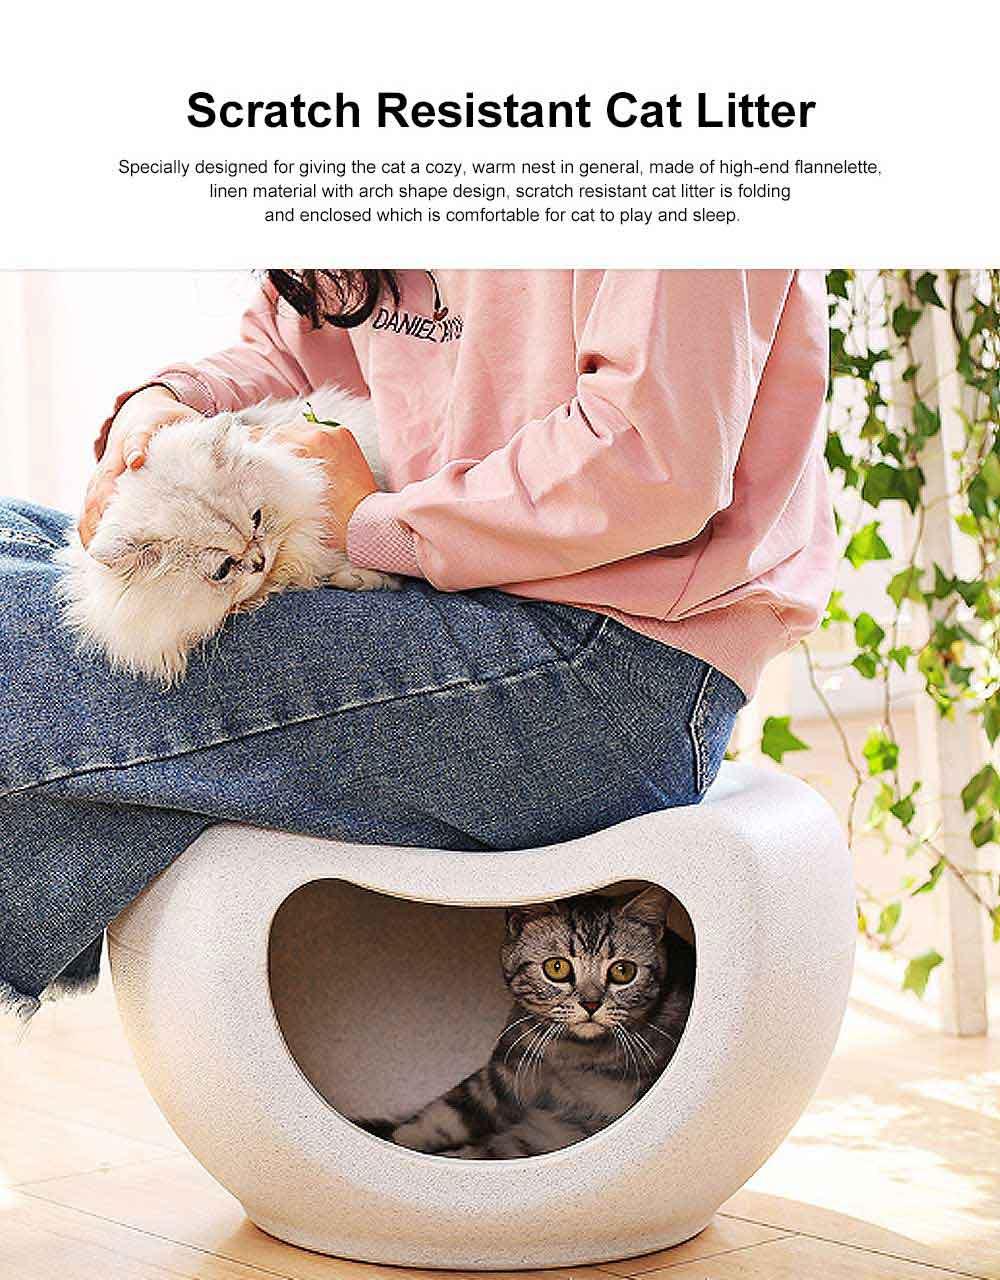 Semi Closed Cat Litter, Durable & Convenient Cat Cave Pet Bed 0